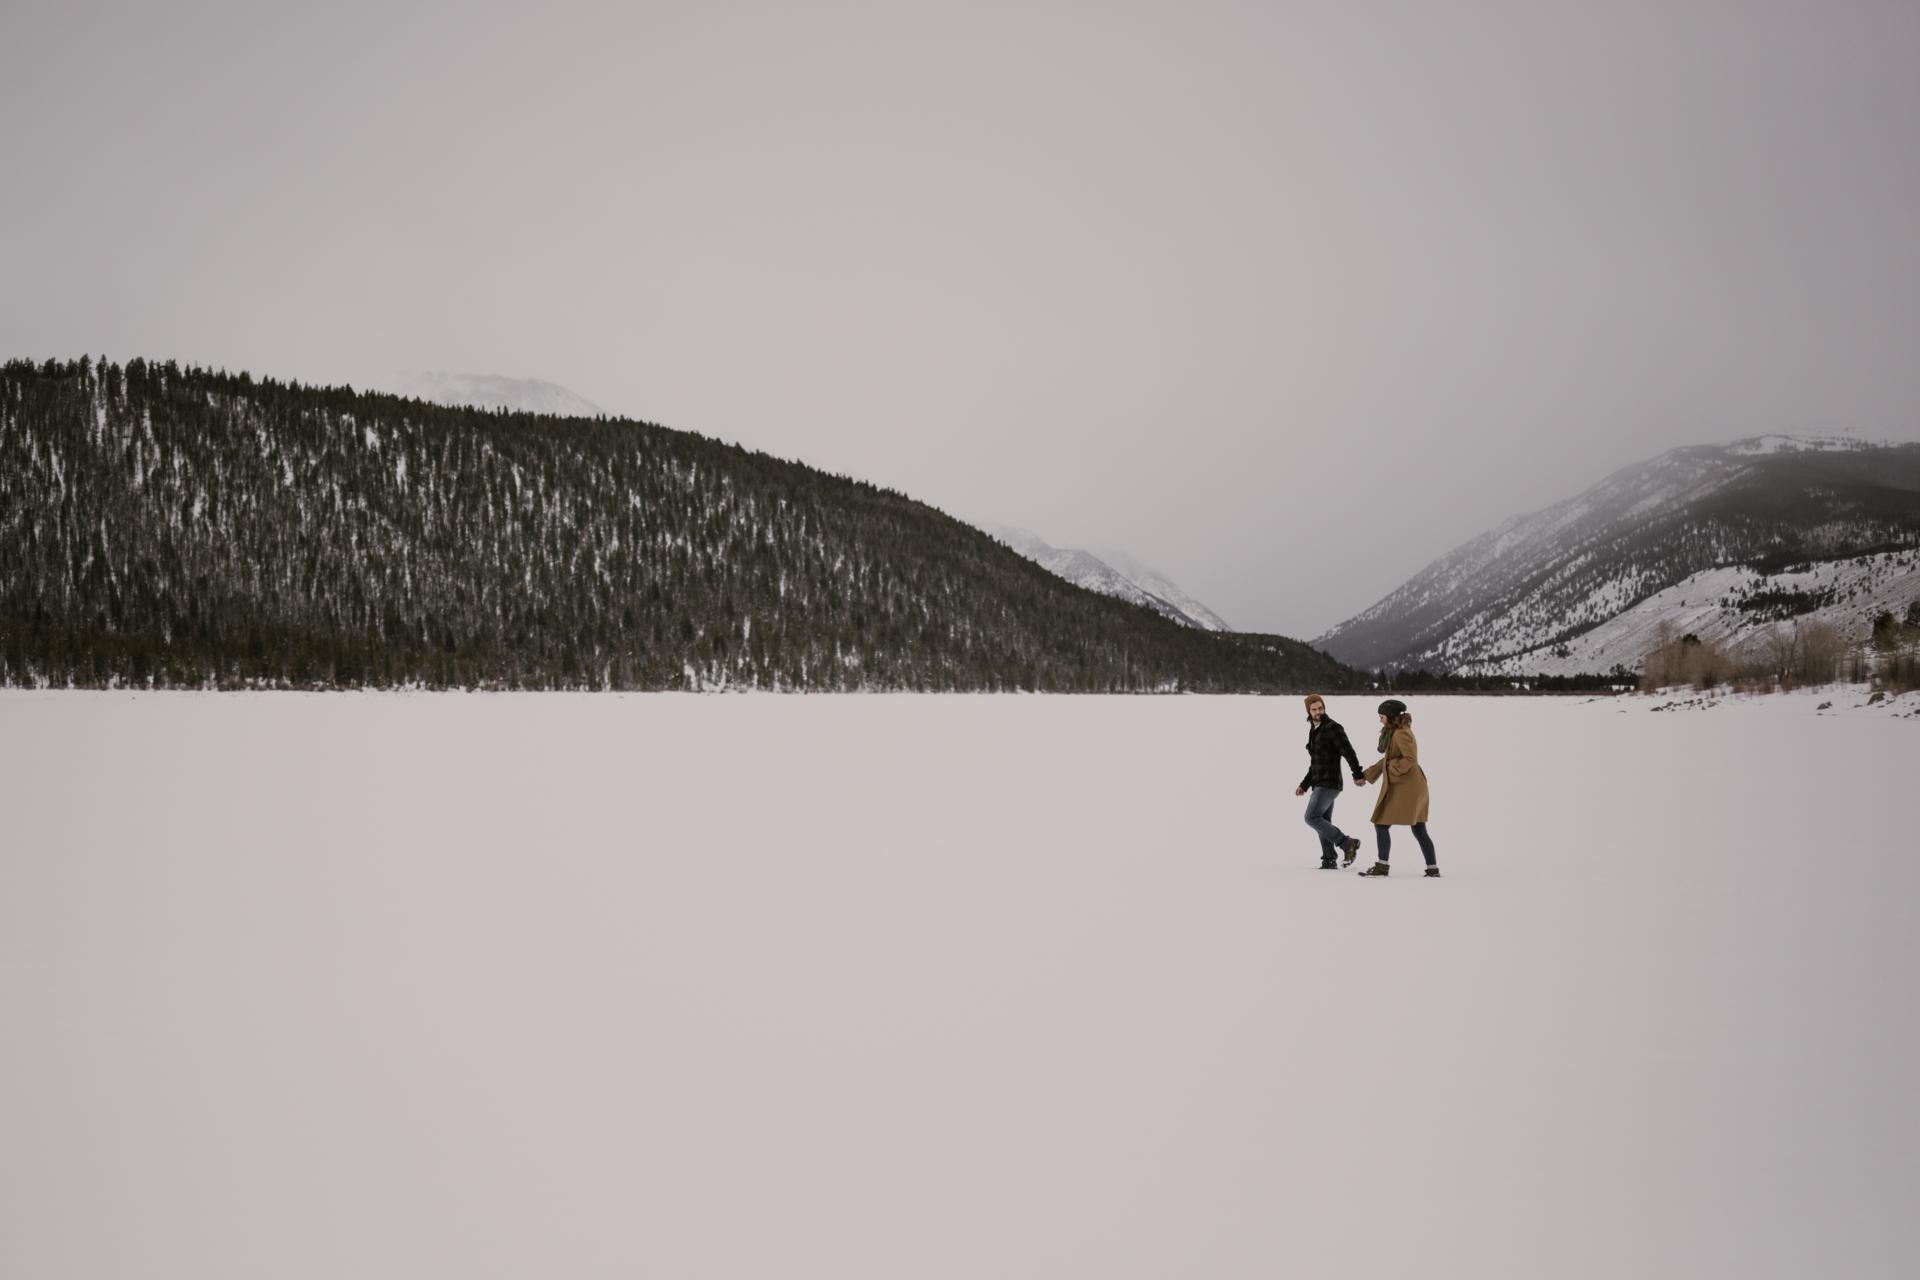 snowy-mountain-colorado-couples-shoot-1.jpg